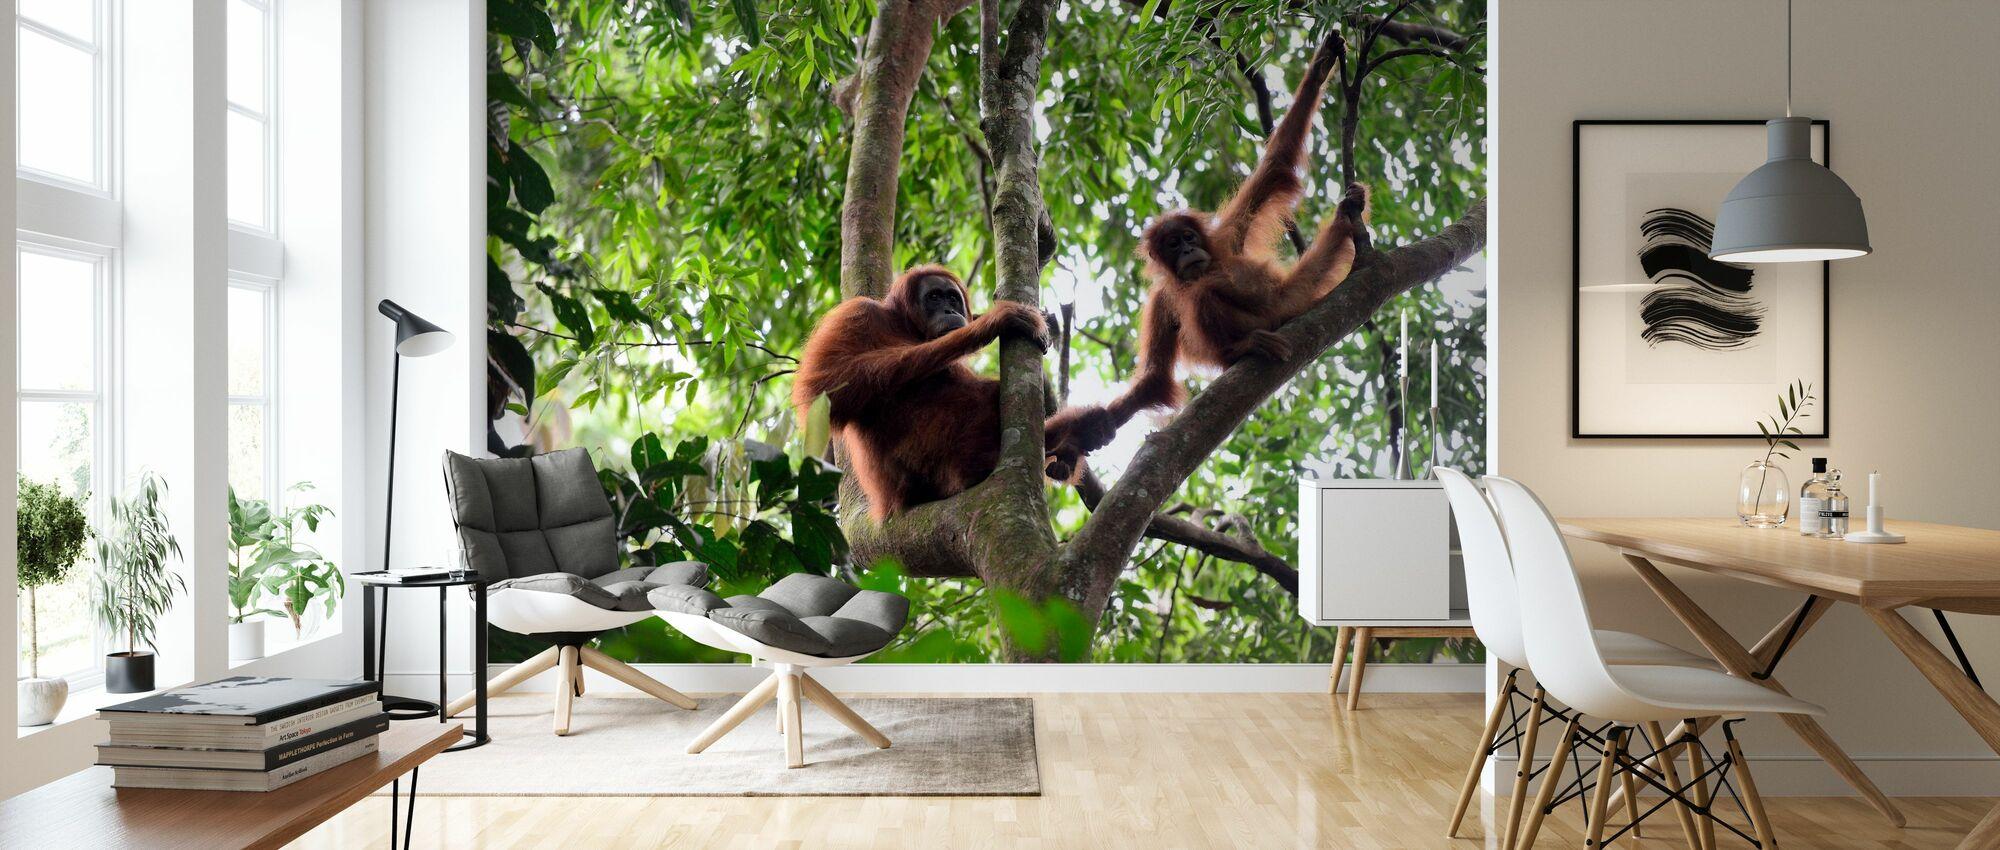 Vrouwelijke en zuigelingen-orang-oetan - Behang - Woonkamer